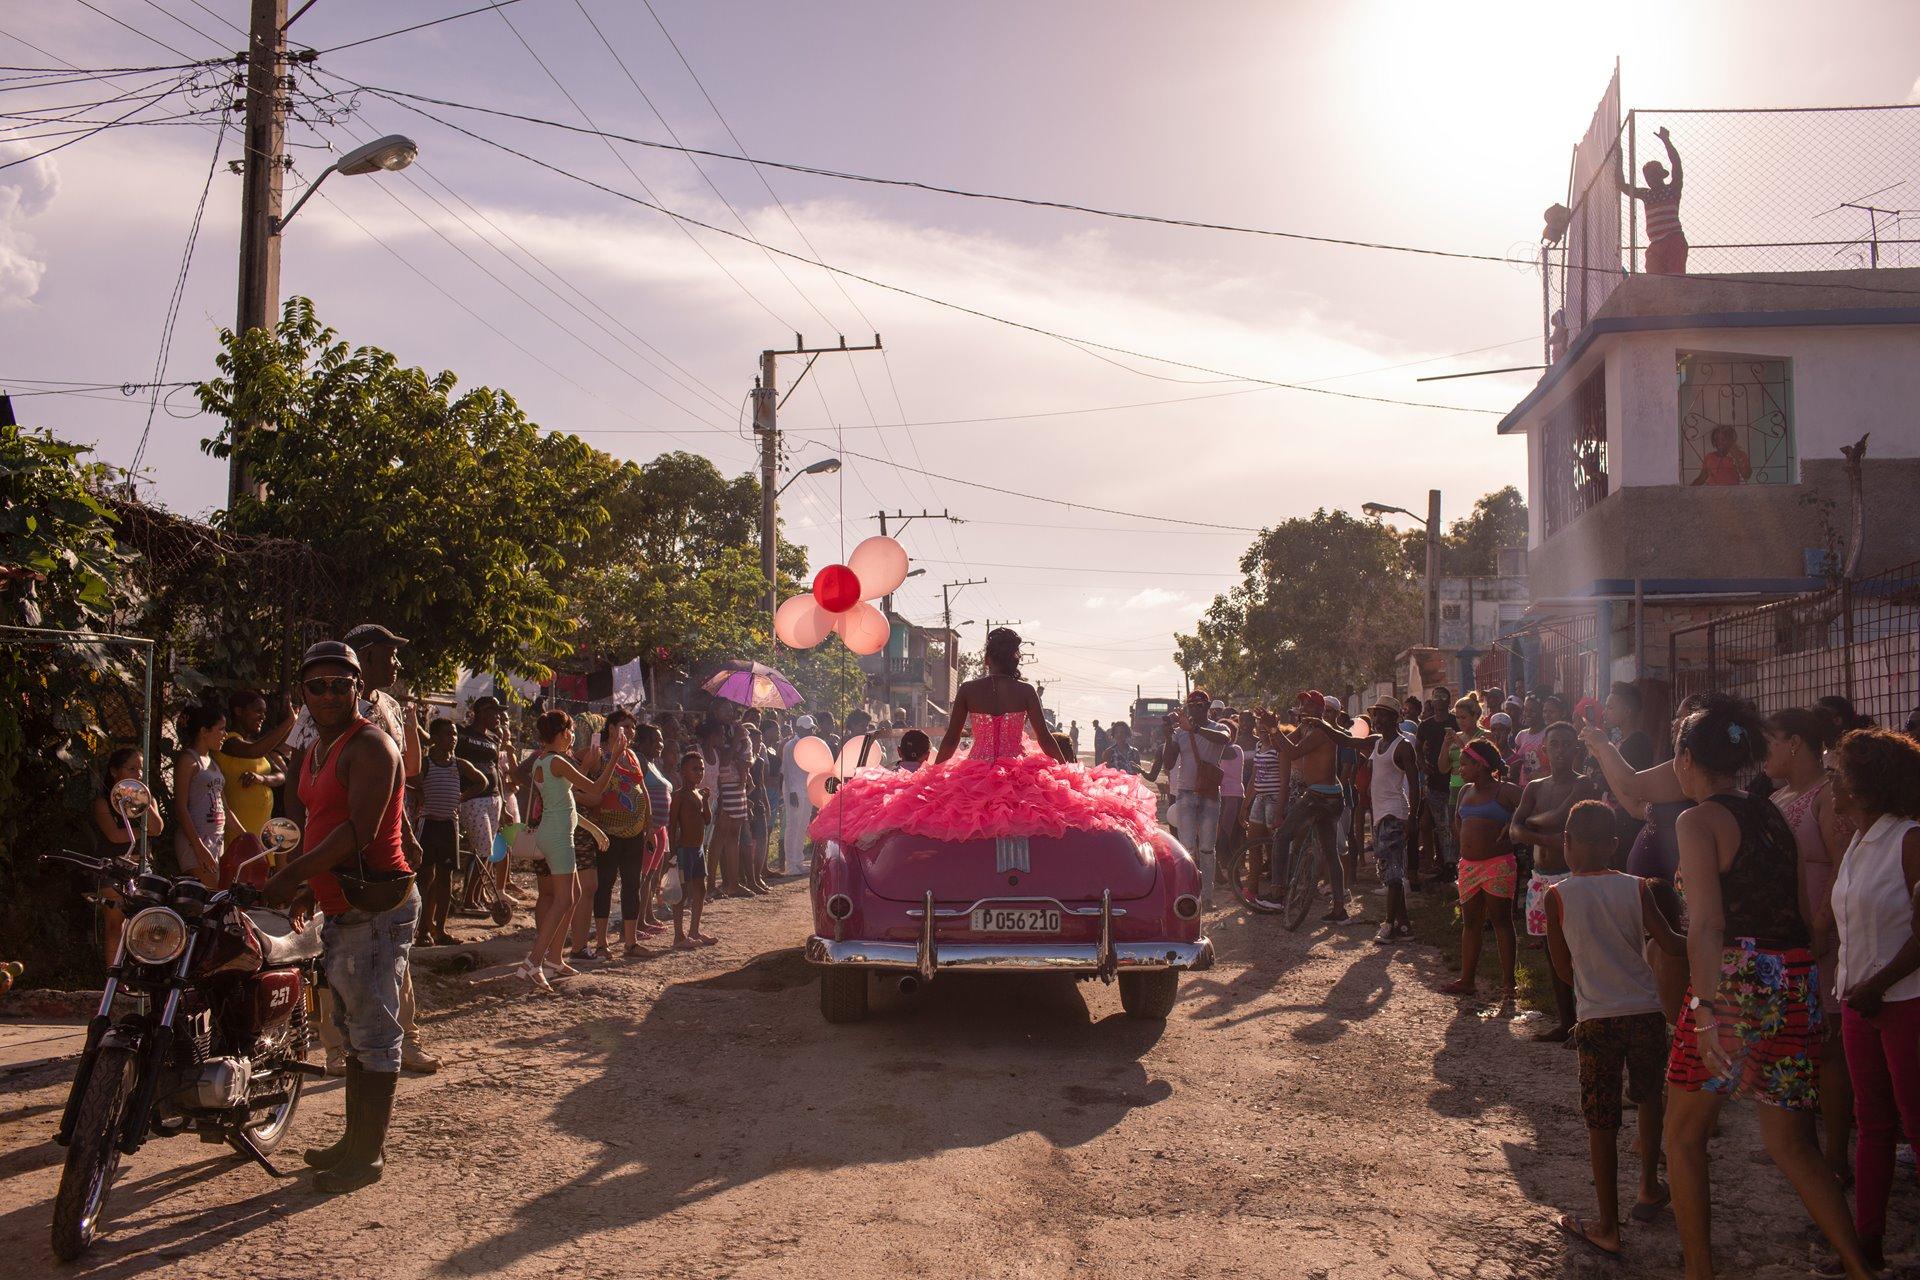 Pura recorre su vecindario en un convertible rosado de la década de 1950, mientras la comunidad se reúne para celebrar su decimoquinto cumpleaños en La Habana, Cuba / Foto: Diana Markosian (Magnum Photos)